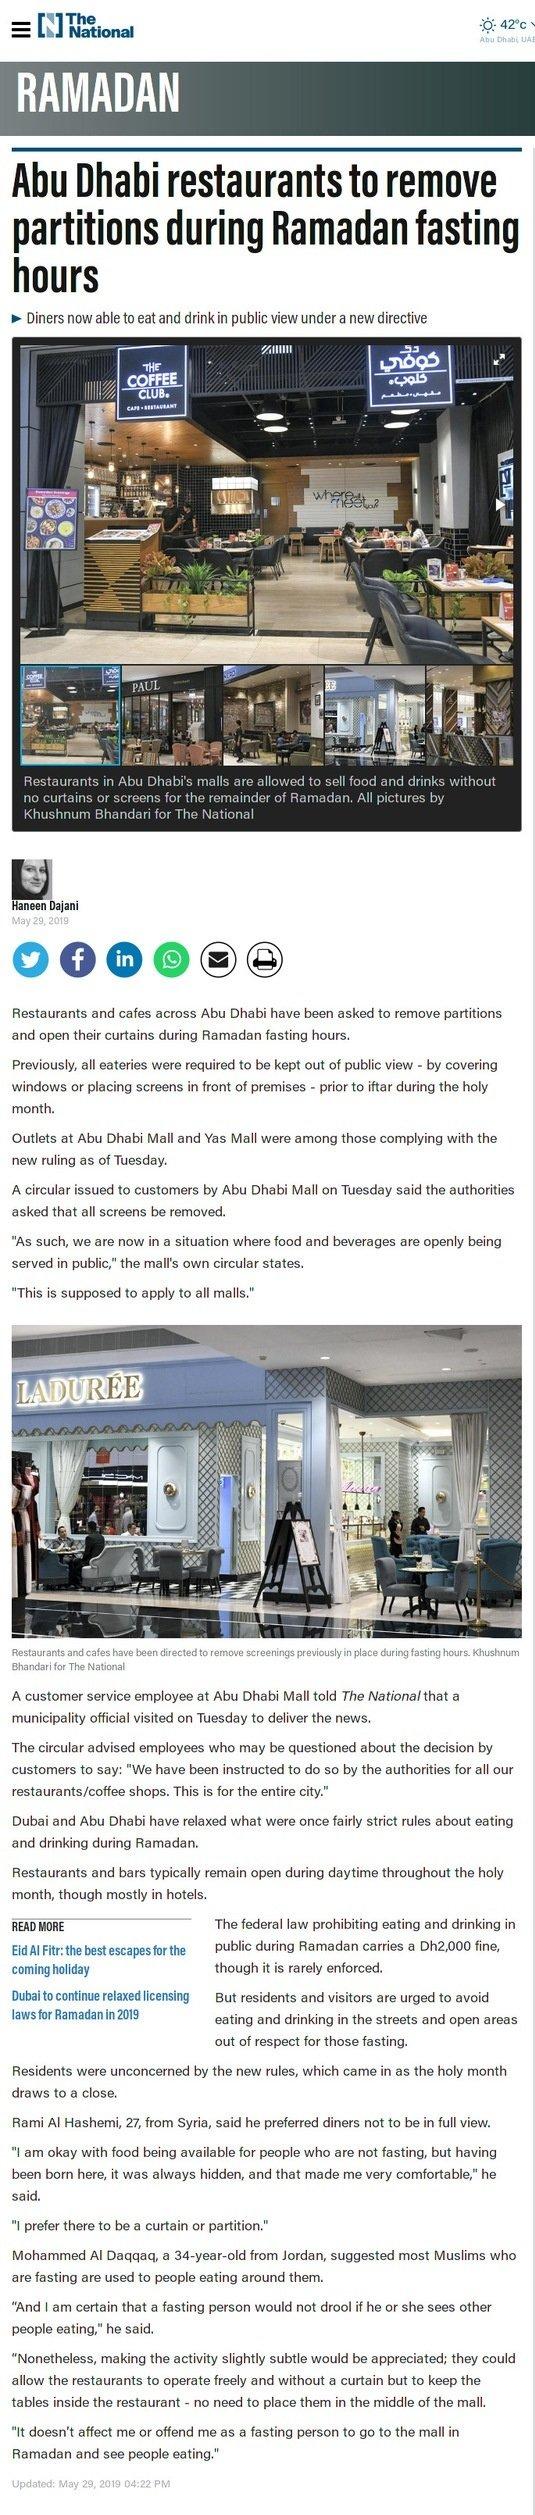 #مطاعم #أبوظبي ستزيل السواتر النهارية خلال شهر #رمضان والسماح بالأكل في نهاره